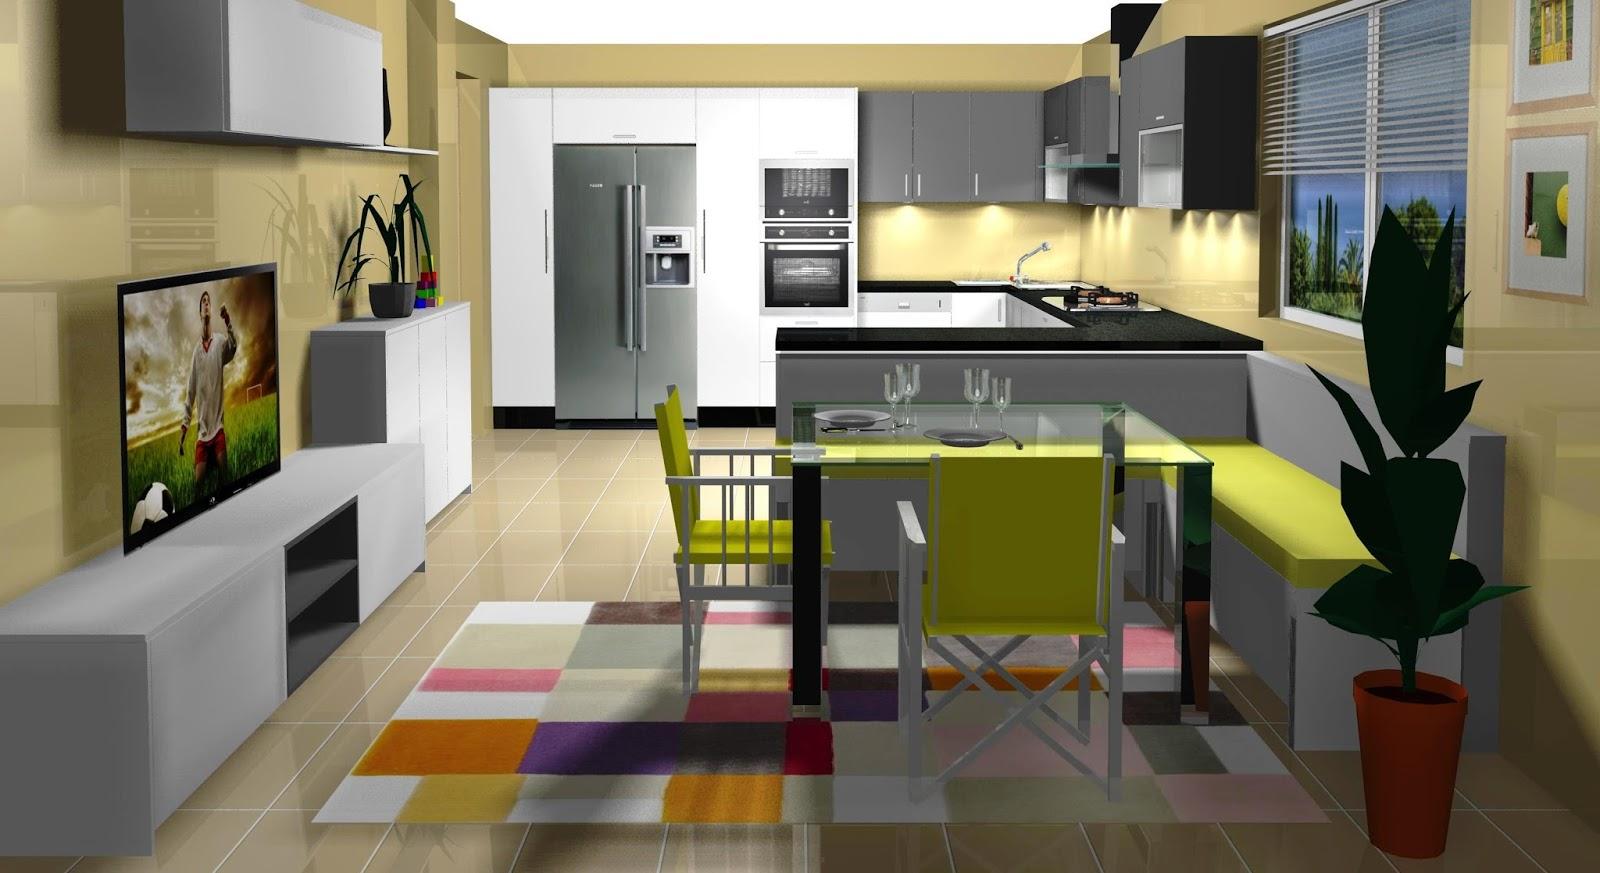 Dise o muebles de cocina dise o de cocina comedor for Diseno de muebles para cocina